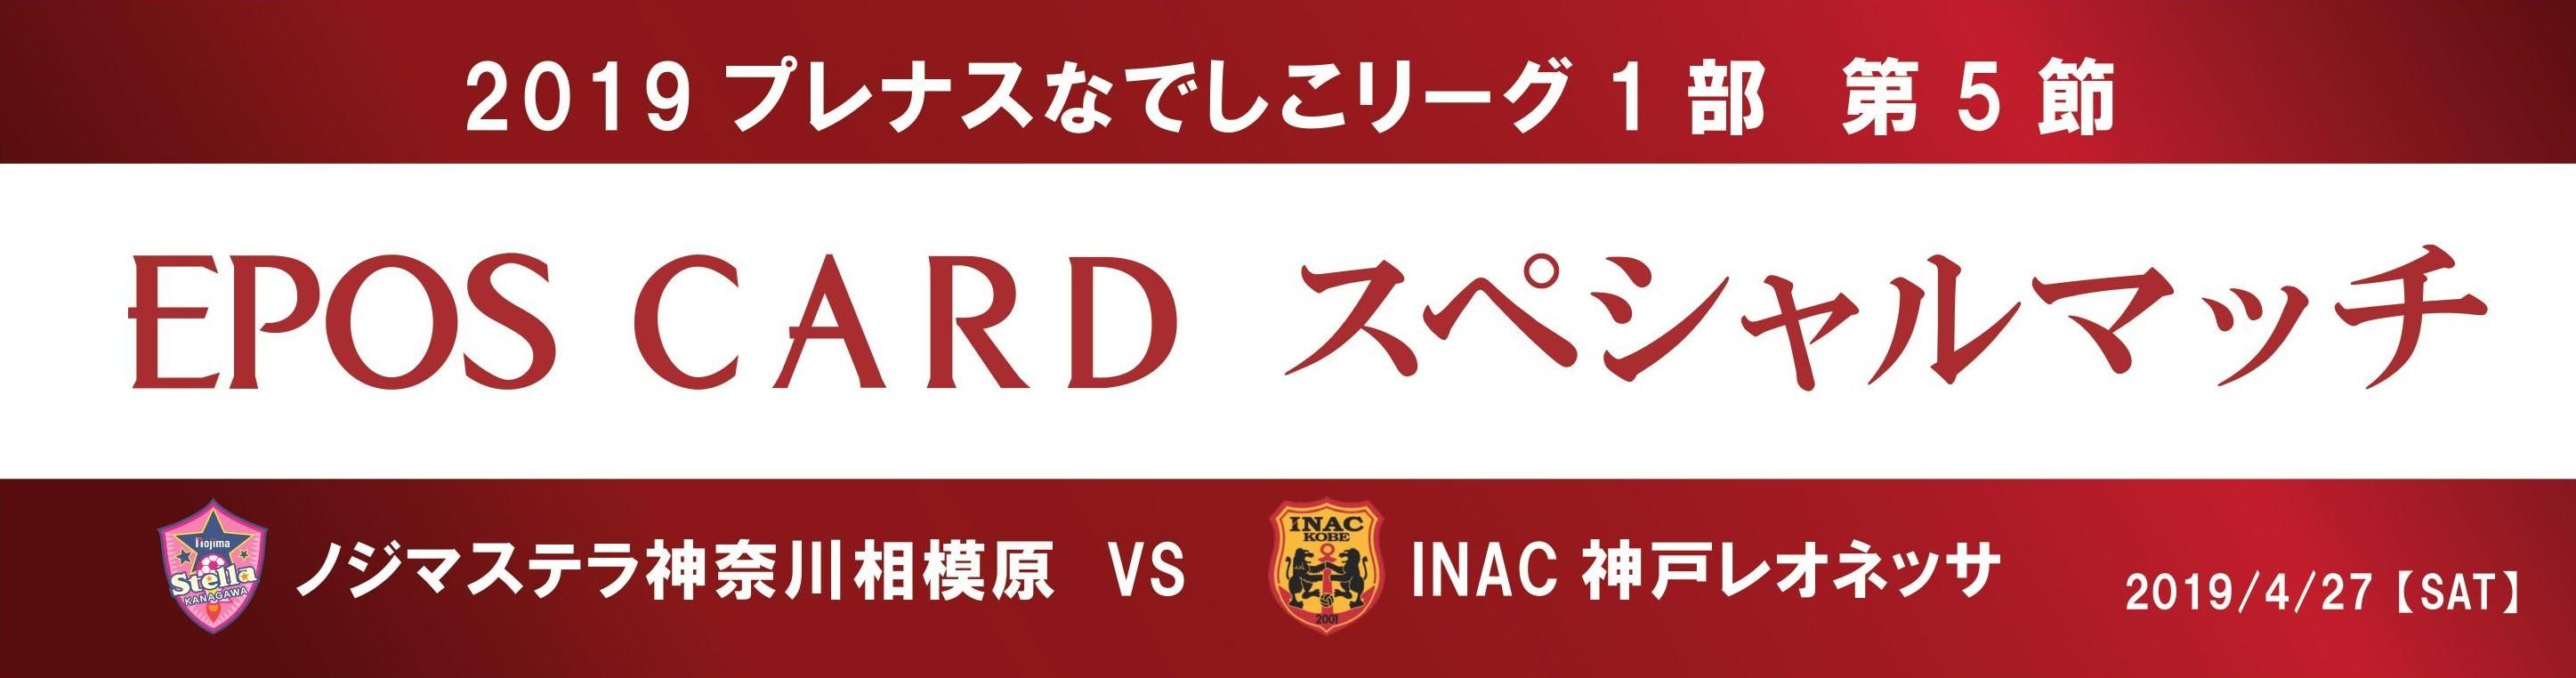 【4月27日 I神戸 戦】「 EPOS CARDスペシャルマッチ」開催のお知らせ